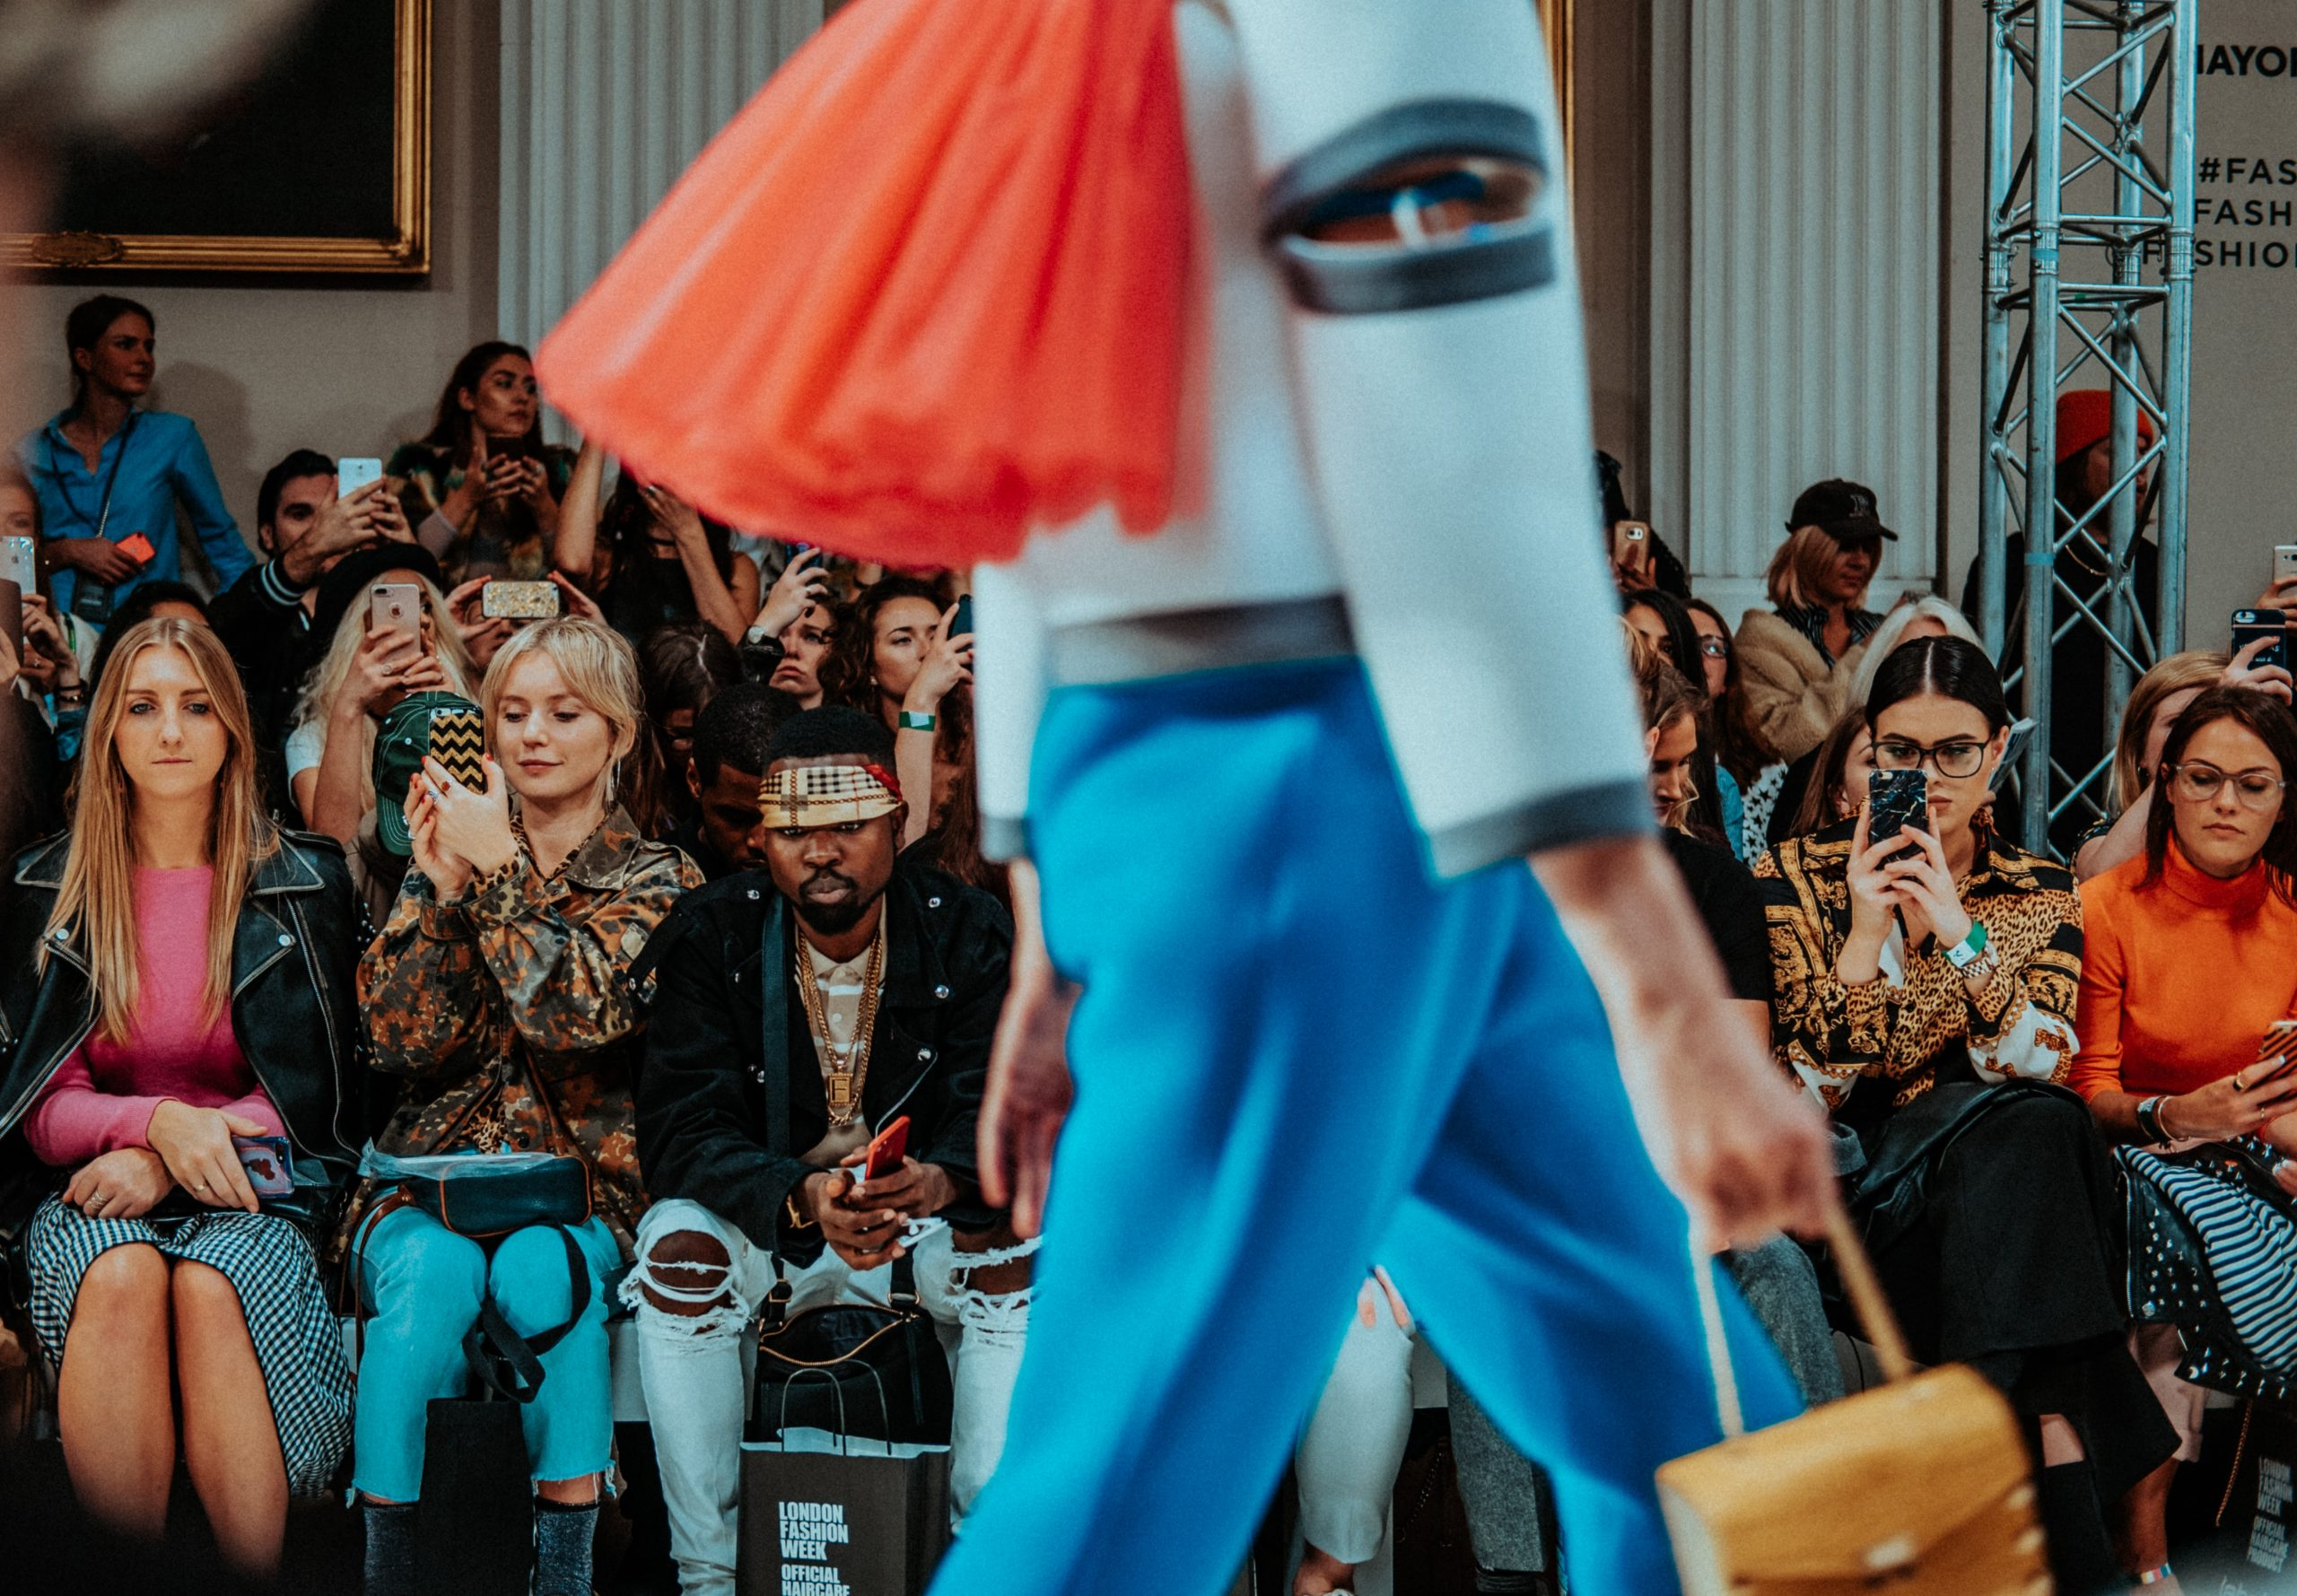 Le settimane della moda digitale sono state un successo? I critici di Vogue reagiscono alla stagione